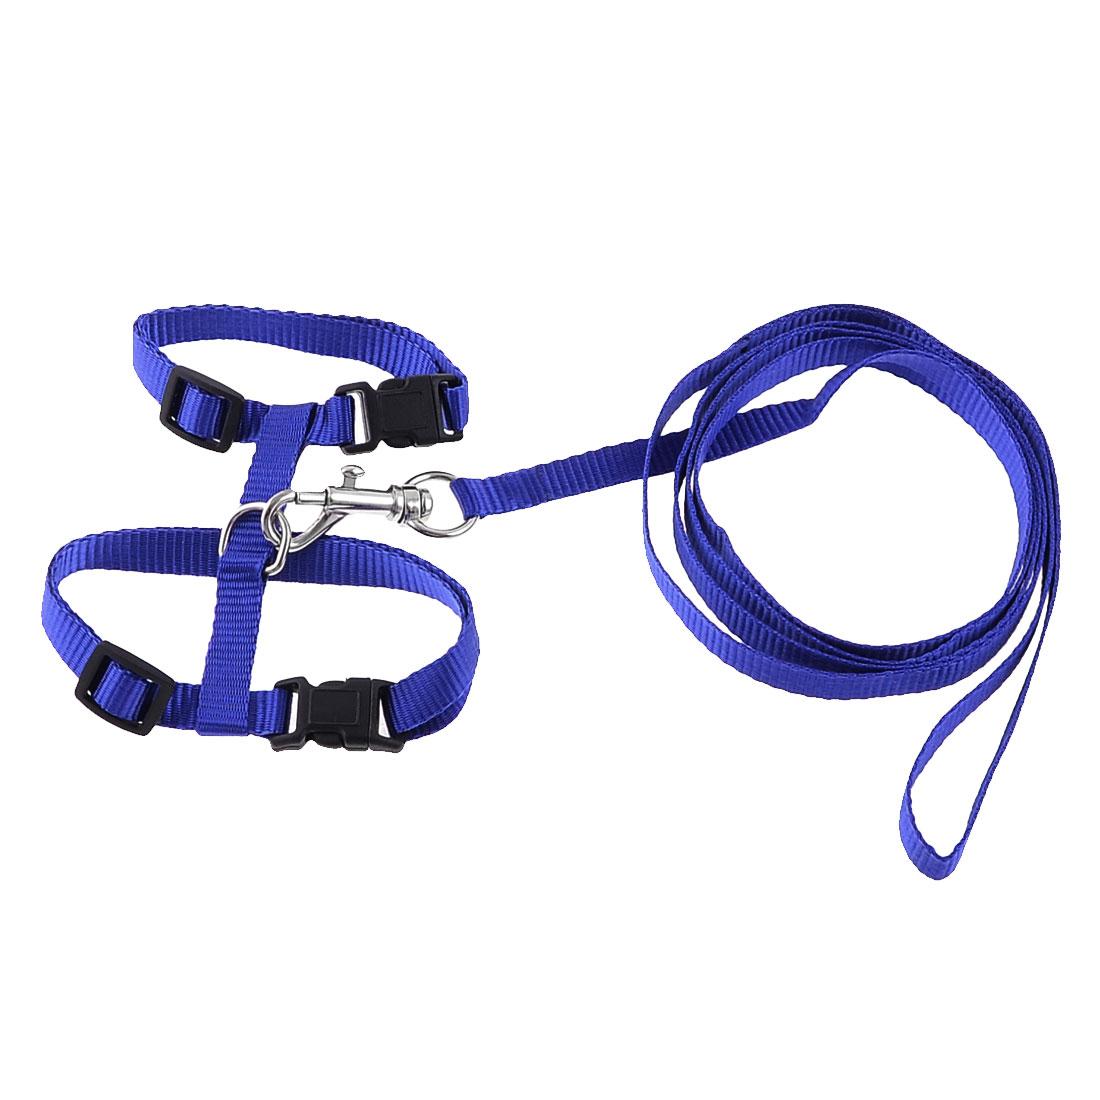 Unique Bargains Nylon Trigger Hook Adjustable Pet Puppy Dog Harness Vest Set Size XS w Leash